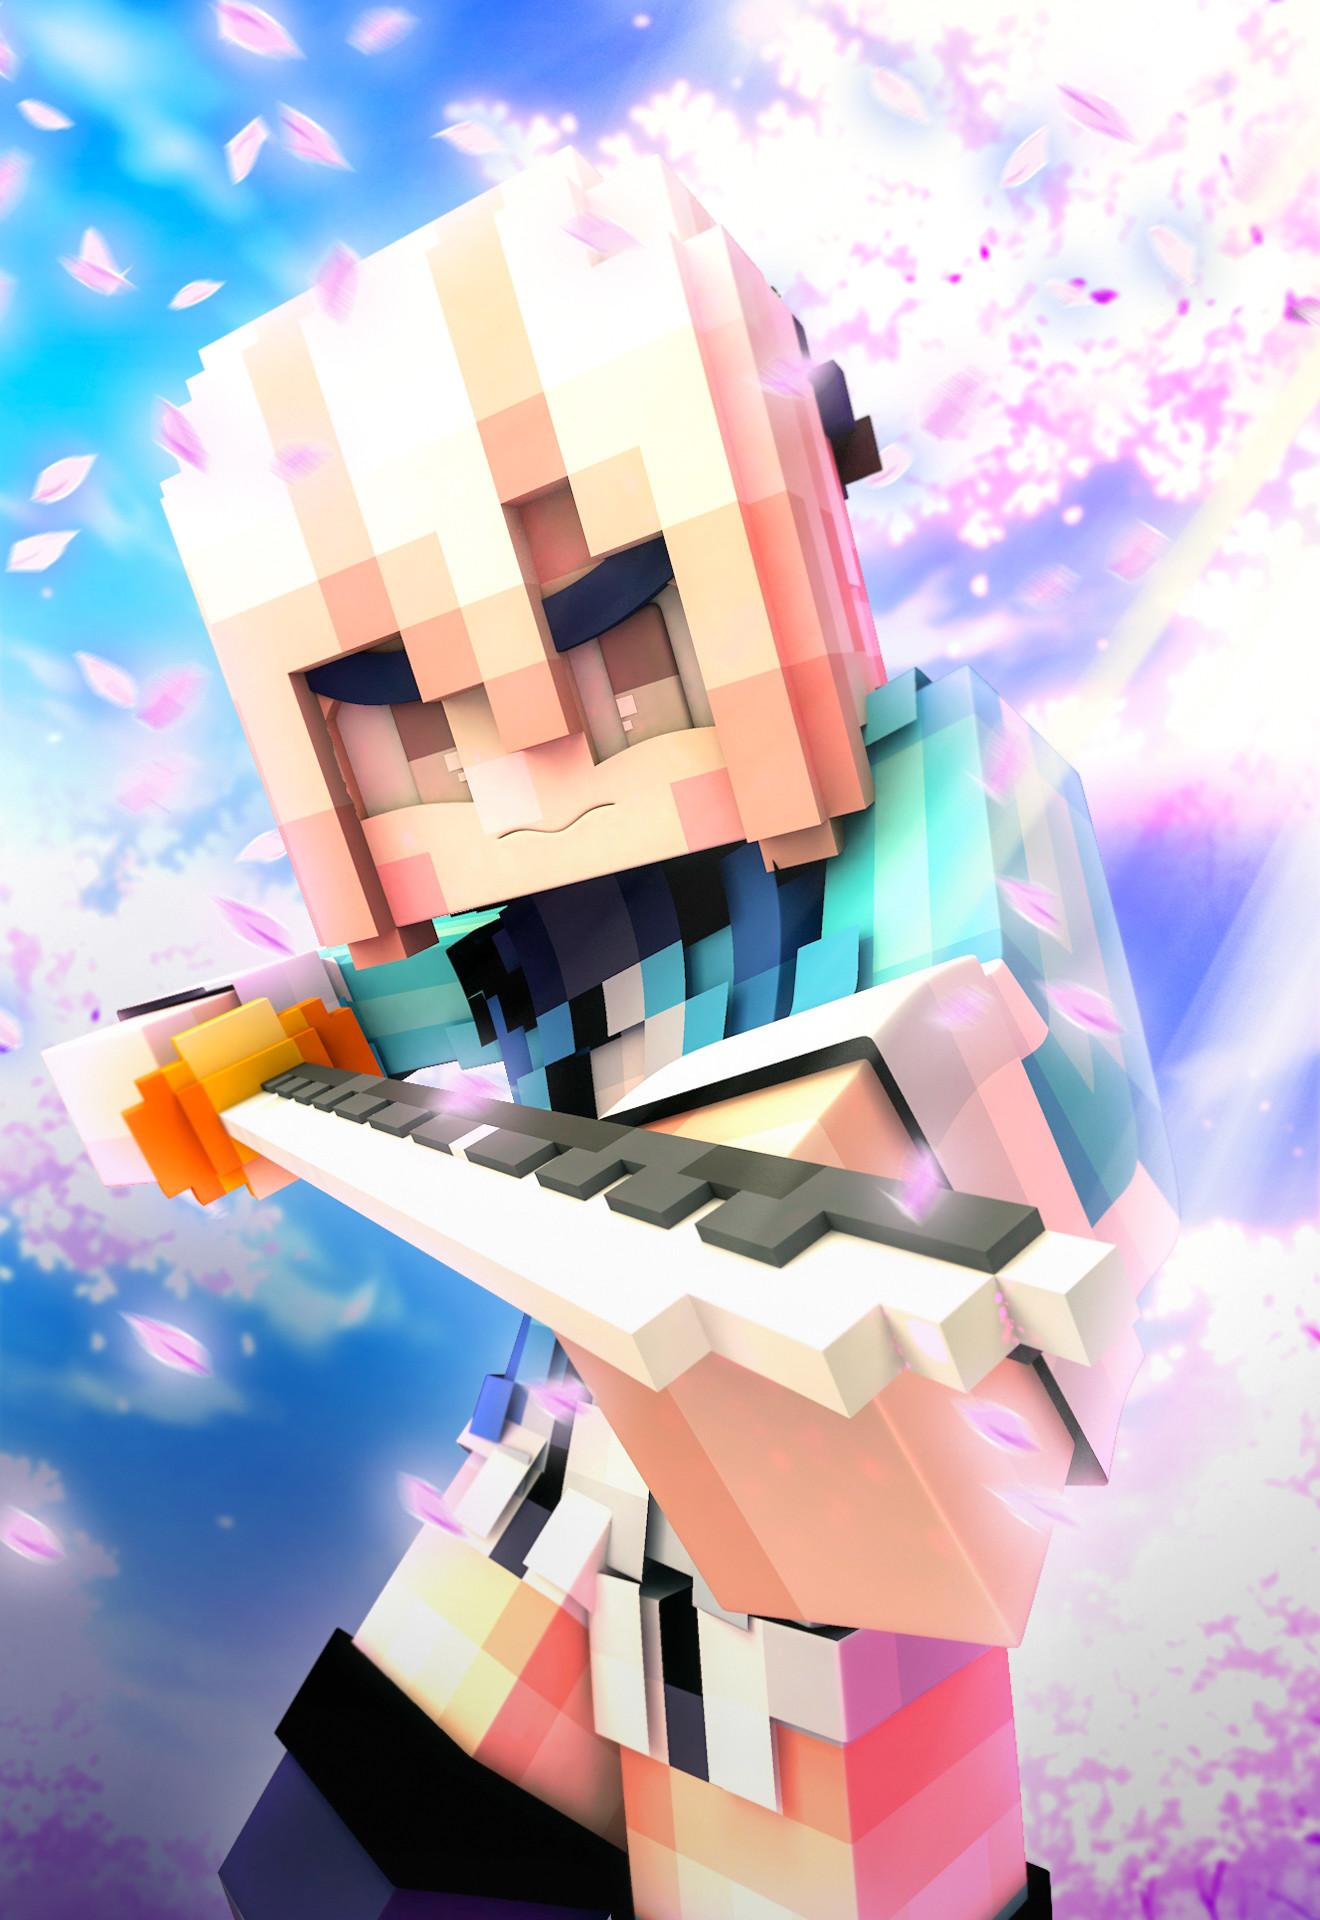 Supawit Oat Minecraft Wallpaper Souji Okita Sakura Saber